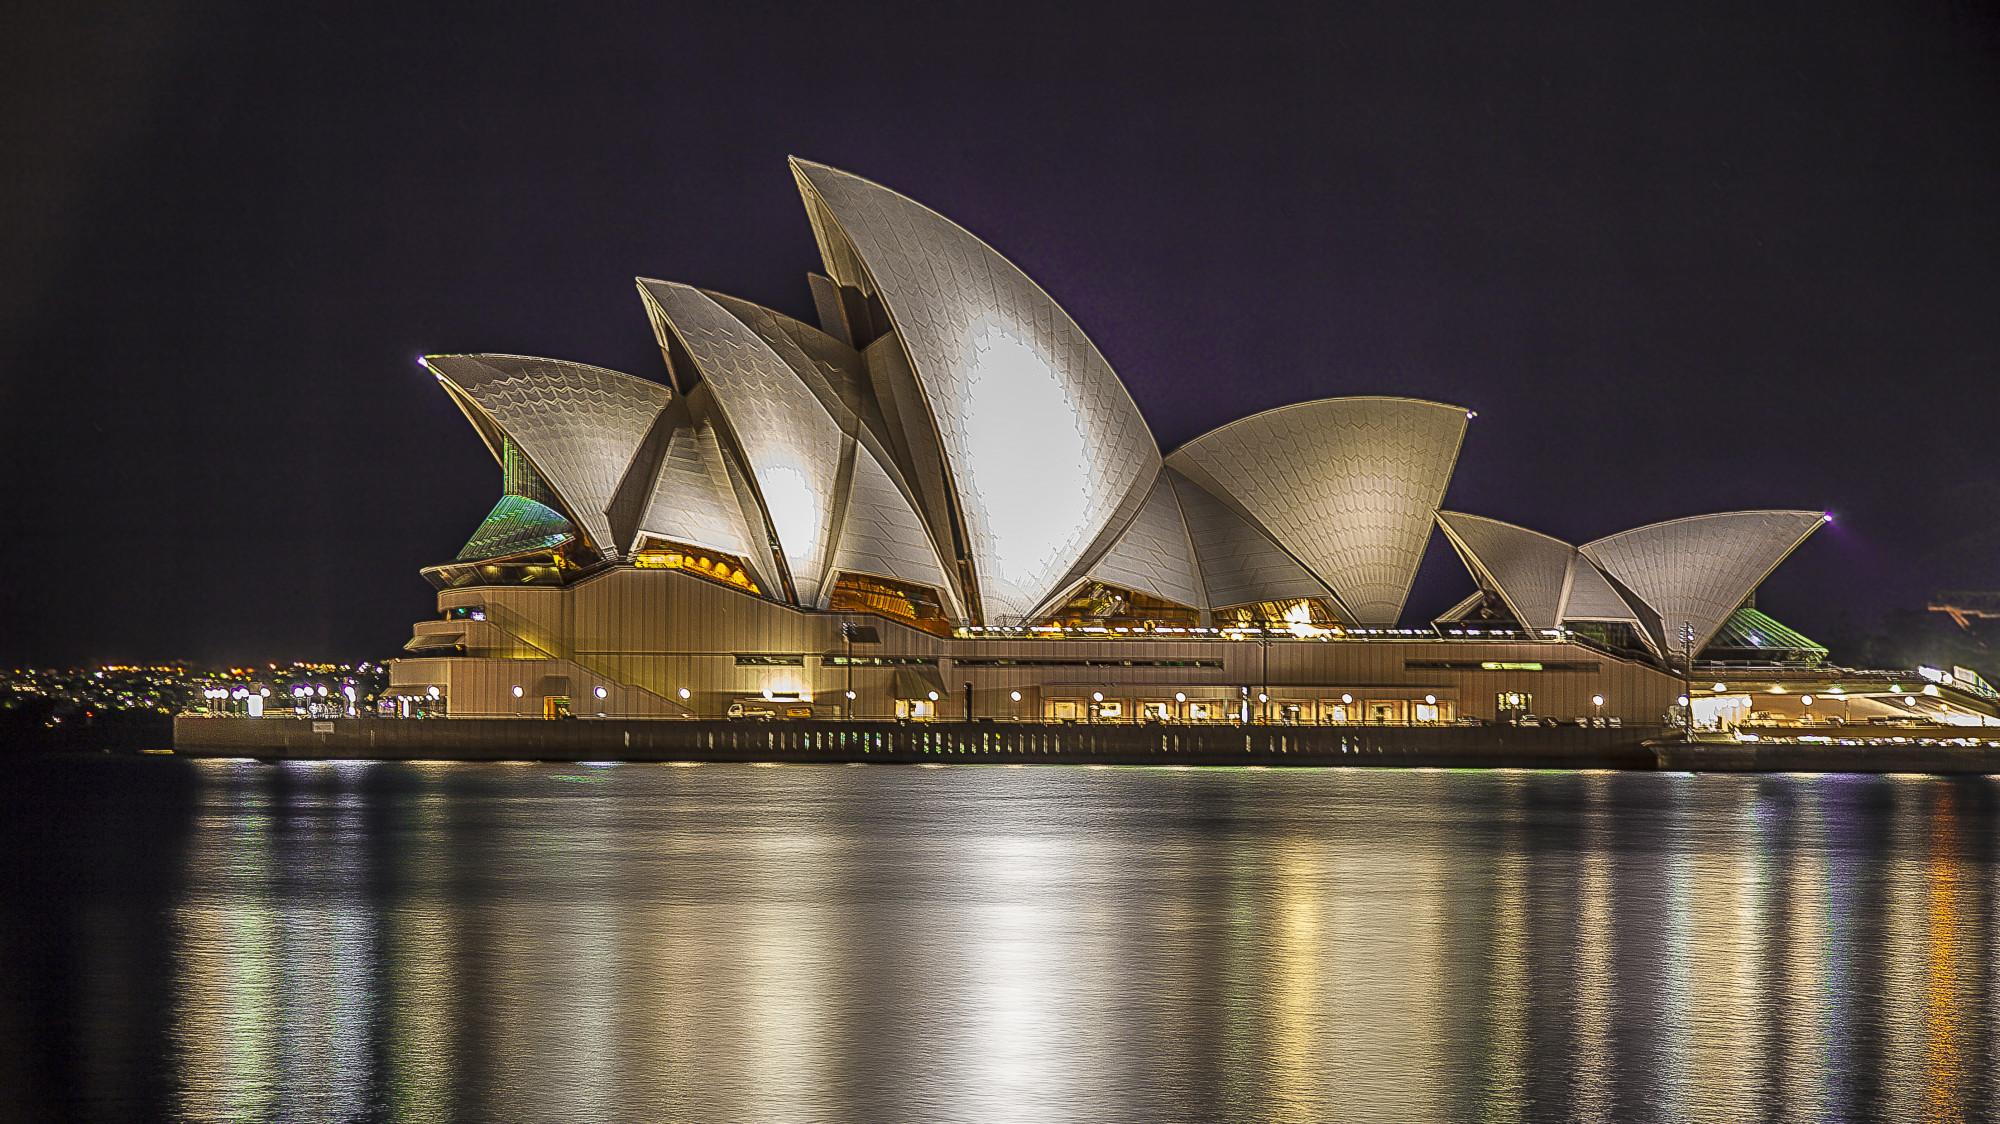 Sydney-Opera-House-Sydney-June-2012-Alexander-T-2000x1124